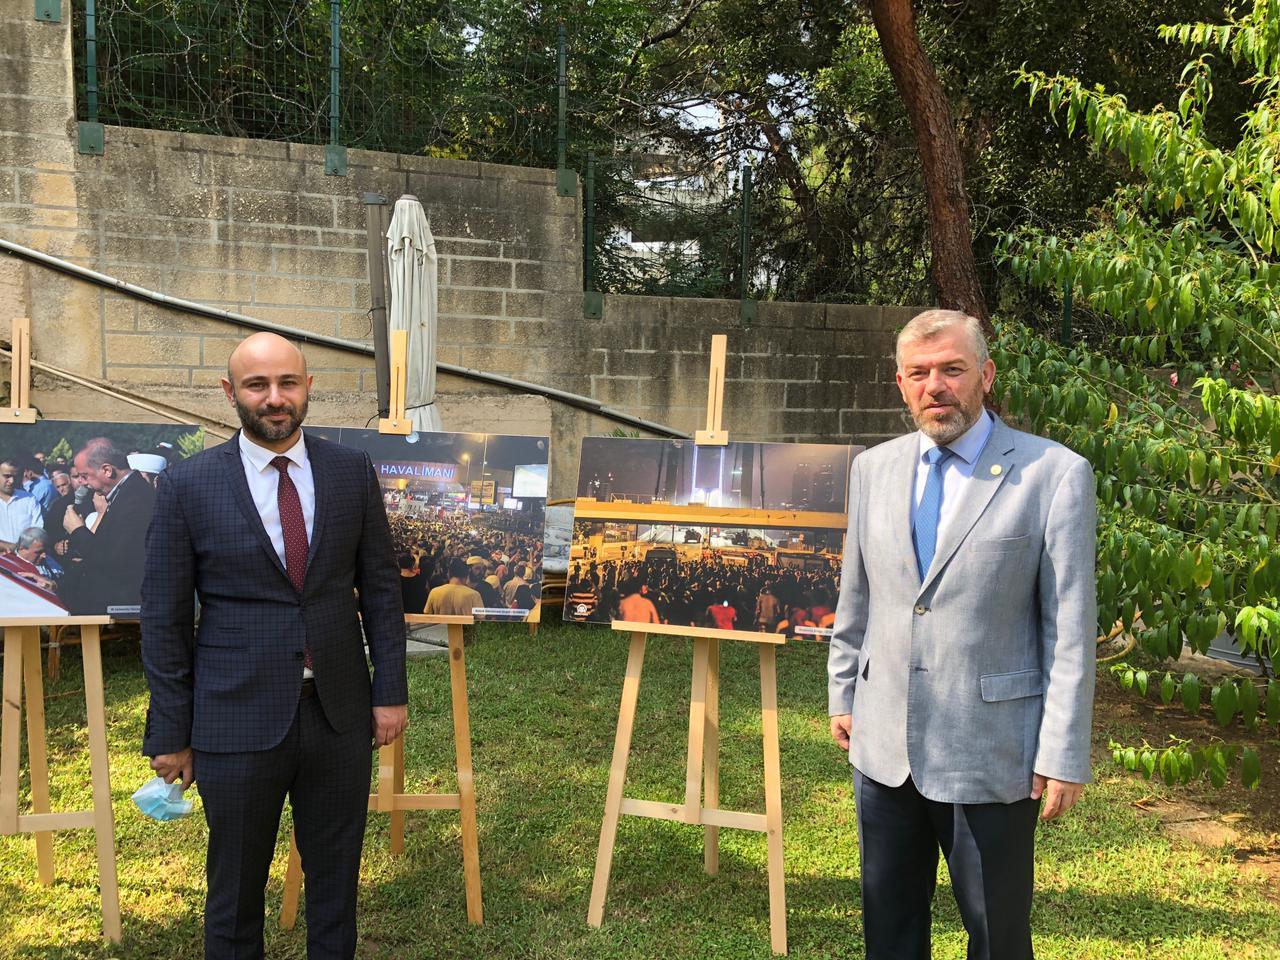 رئيس جامعة طرابلس مشاركا في حفل السفارة التركية (3/6)